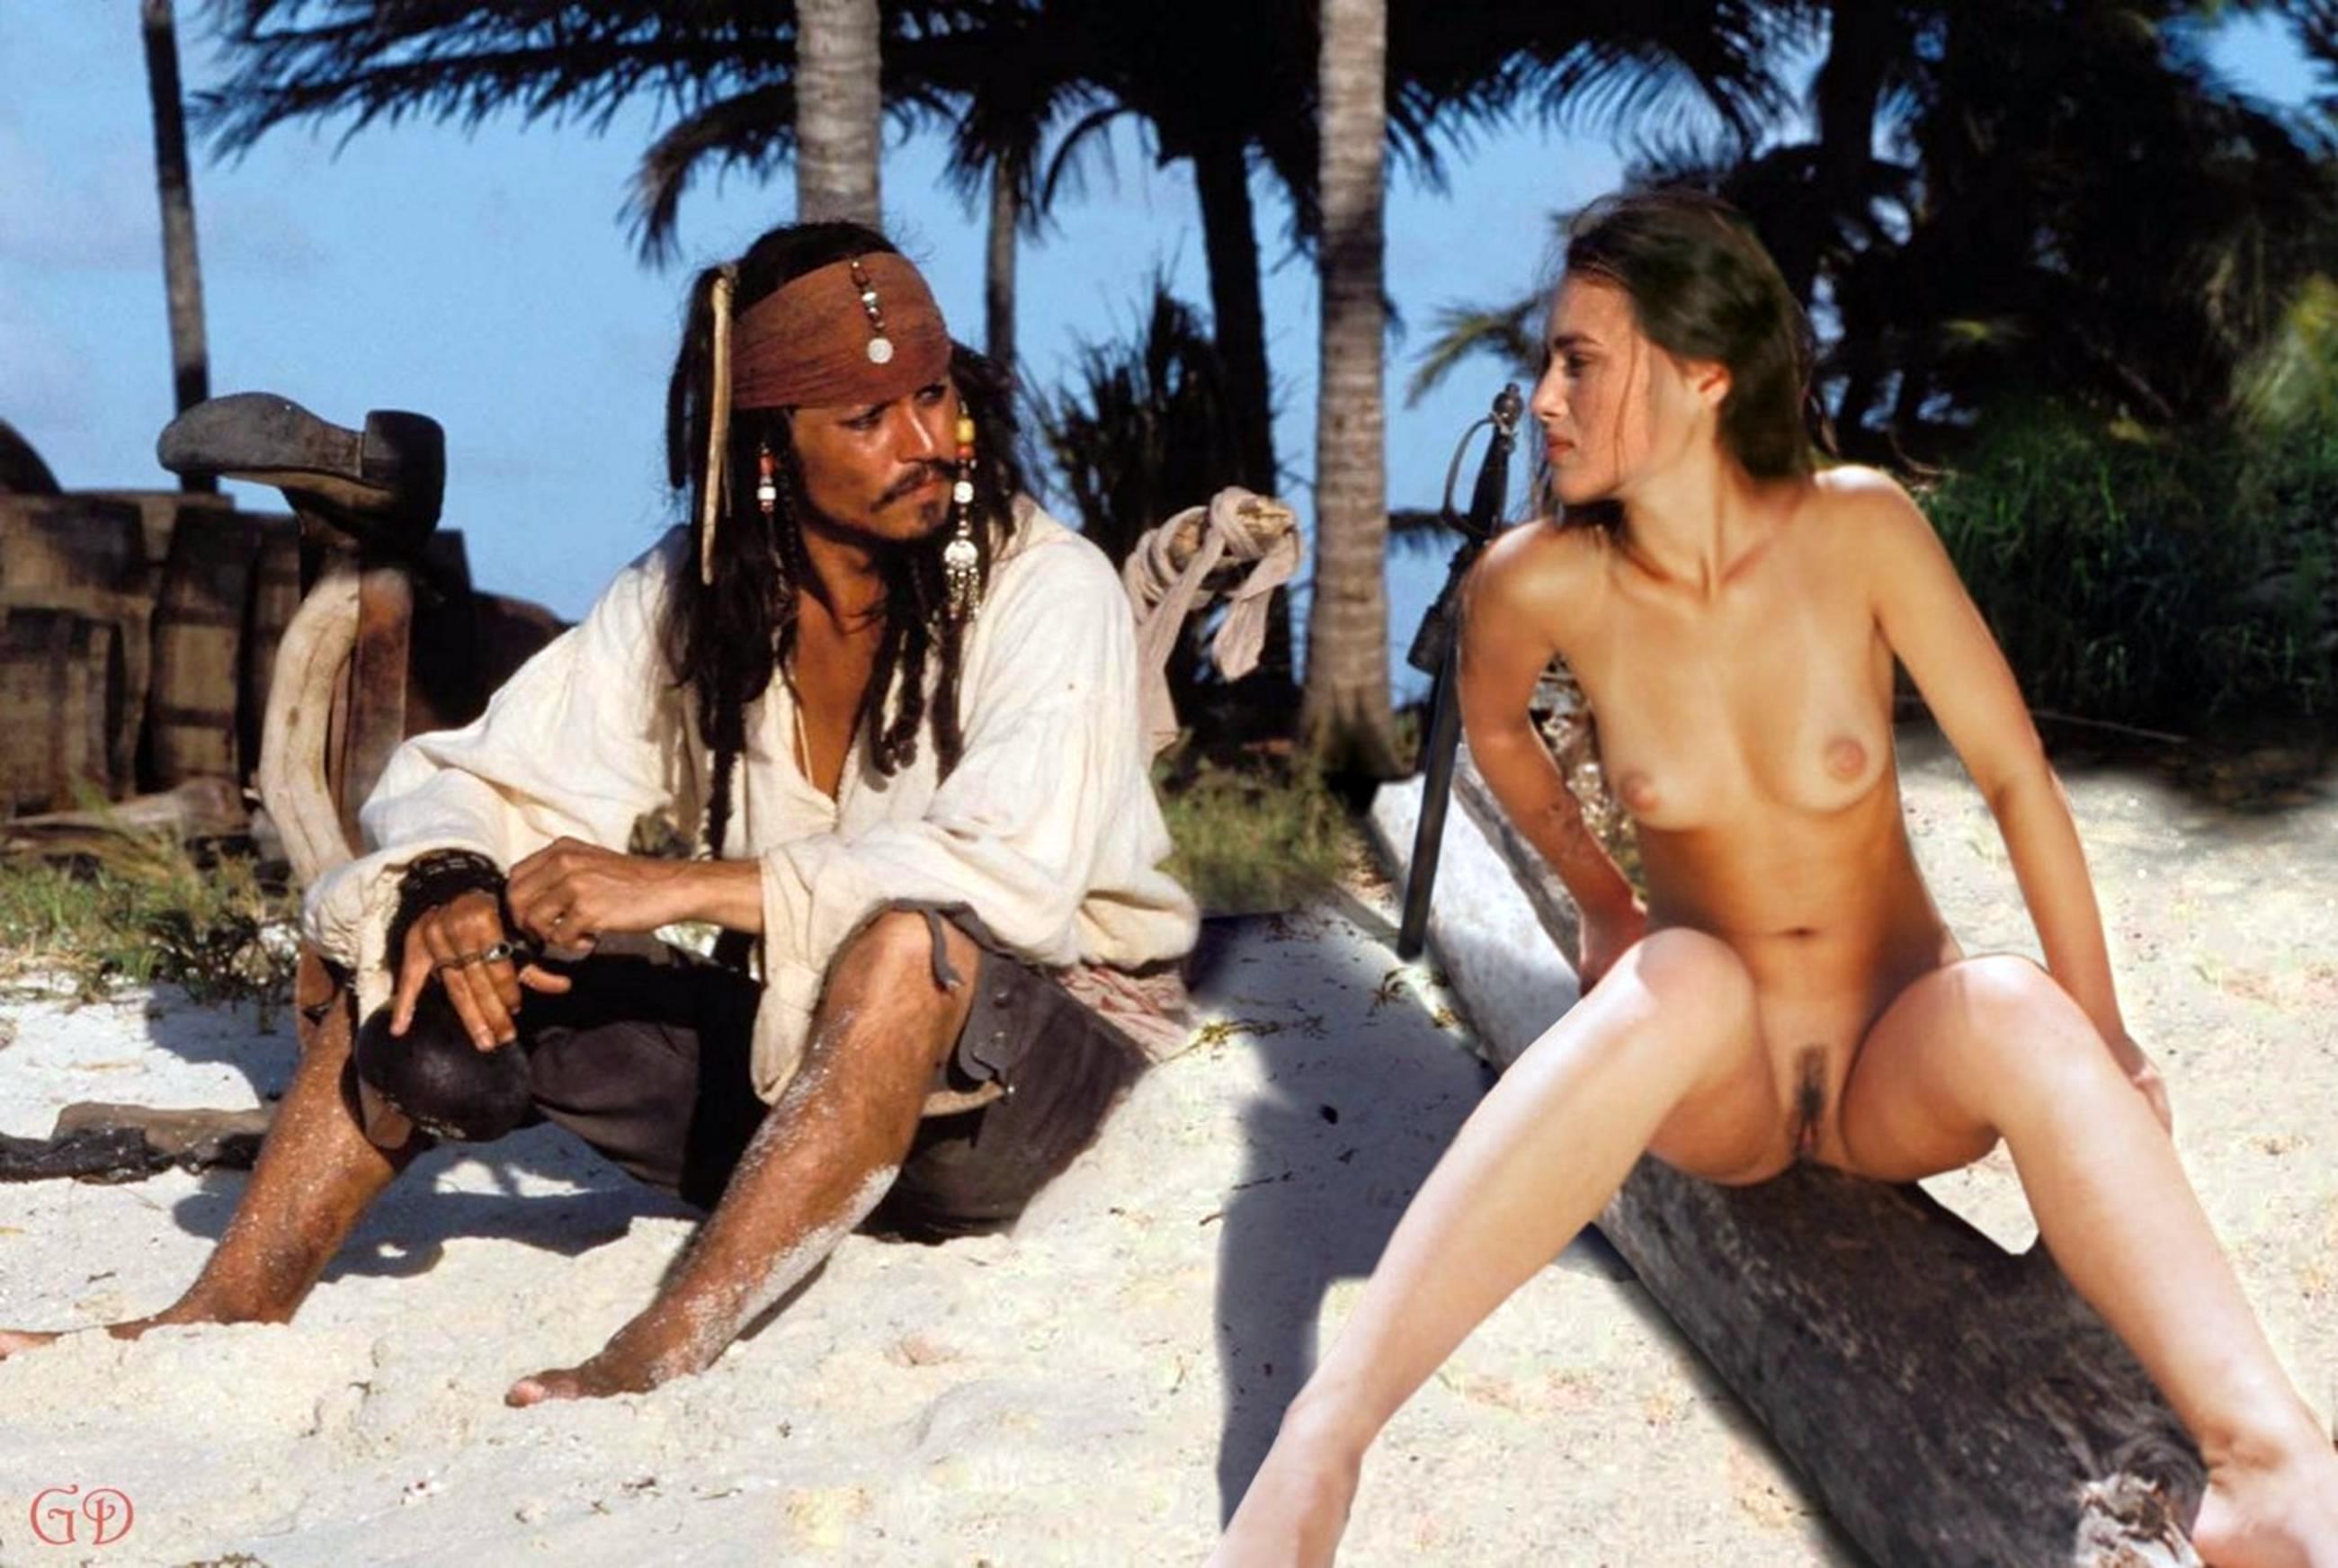 Остров пиратов порно фильм, голые фото девушки где не видно лицо